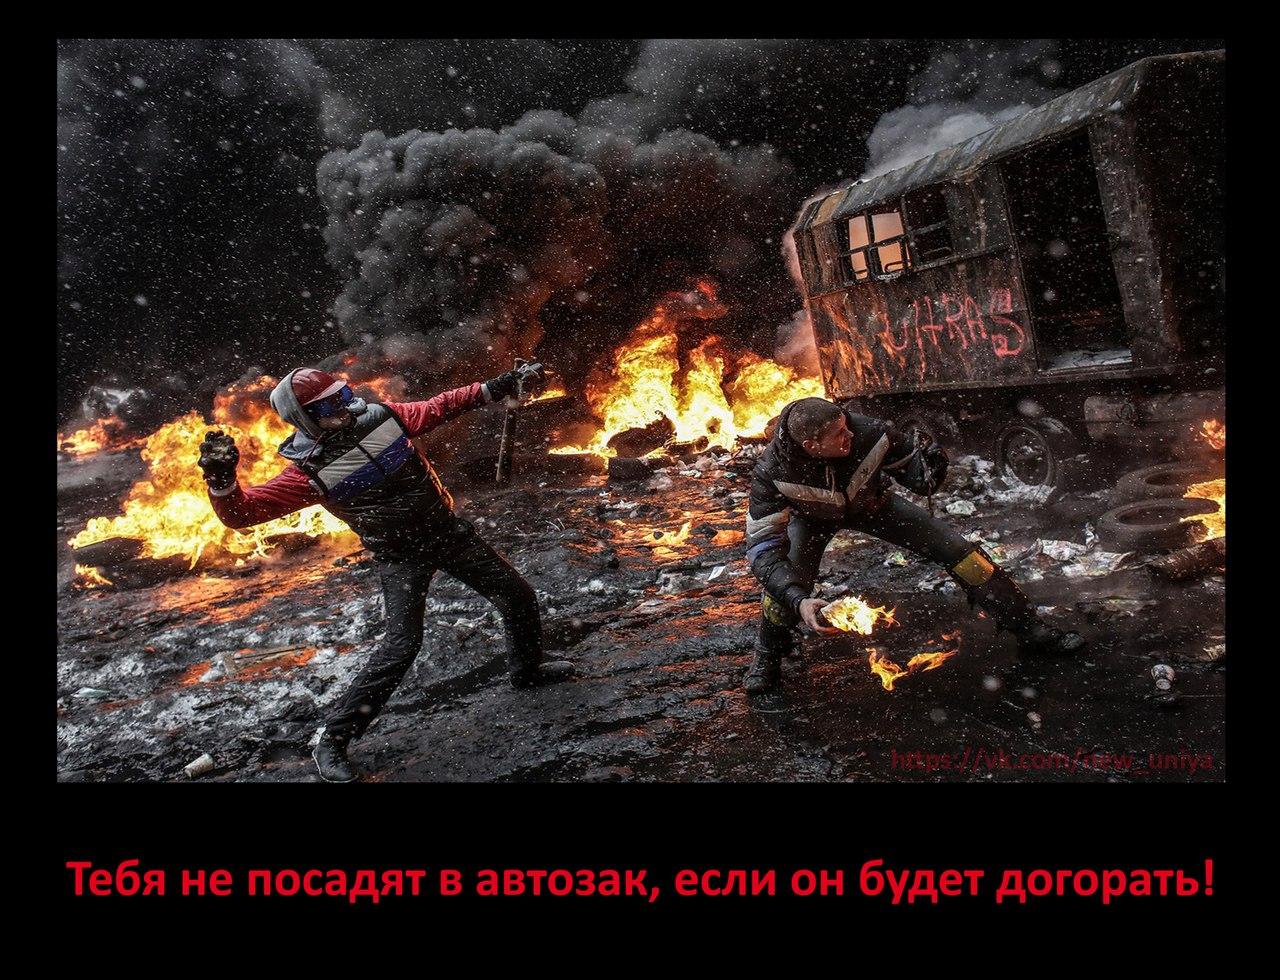 В Москве массово задерживают протестующих - уже более 900 человек. Полиция применяет спецсредства - Цензор.НЕТ 3225